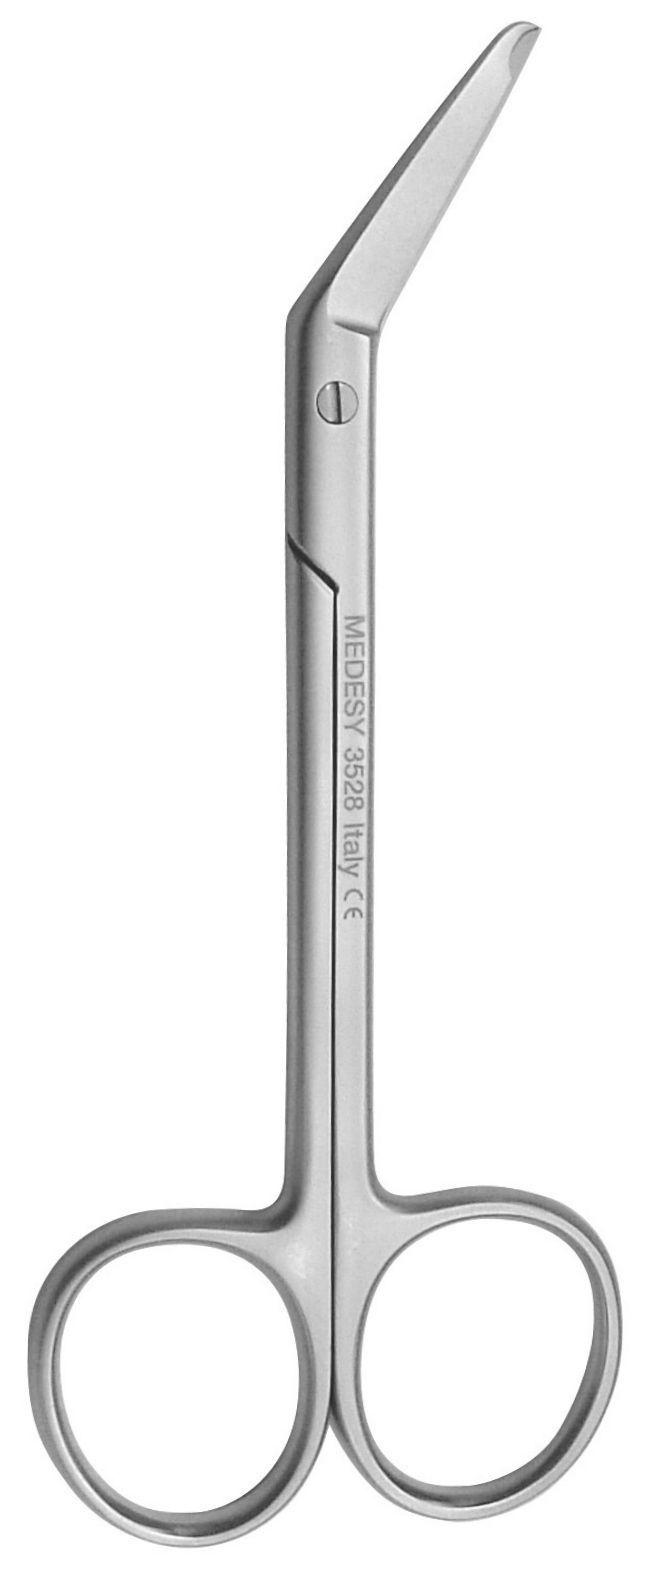 Tesoura Cirúrgica Angulada Spencer - 115 Mm - 3528 Medesy